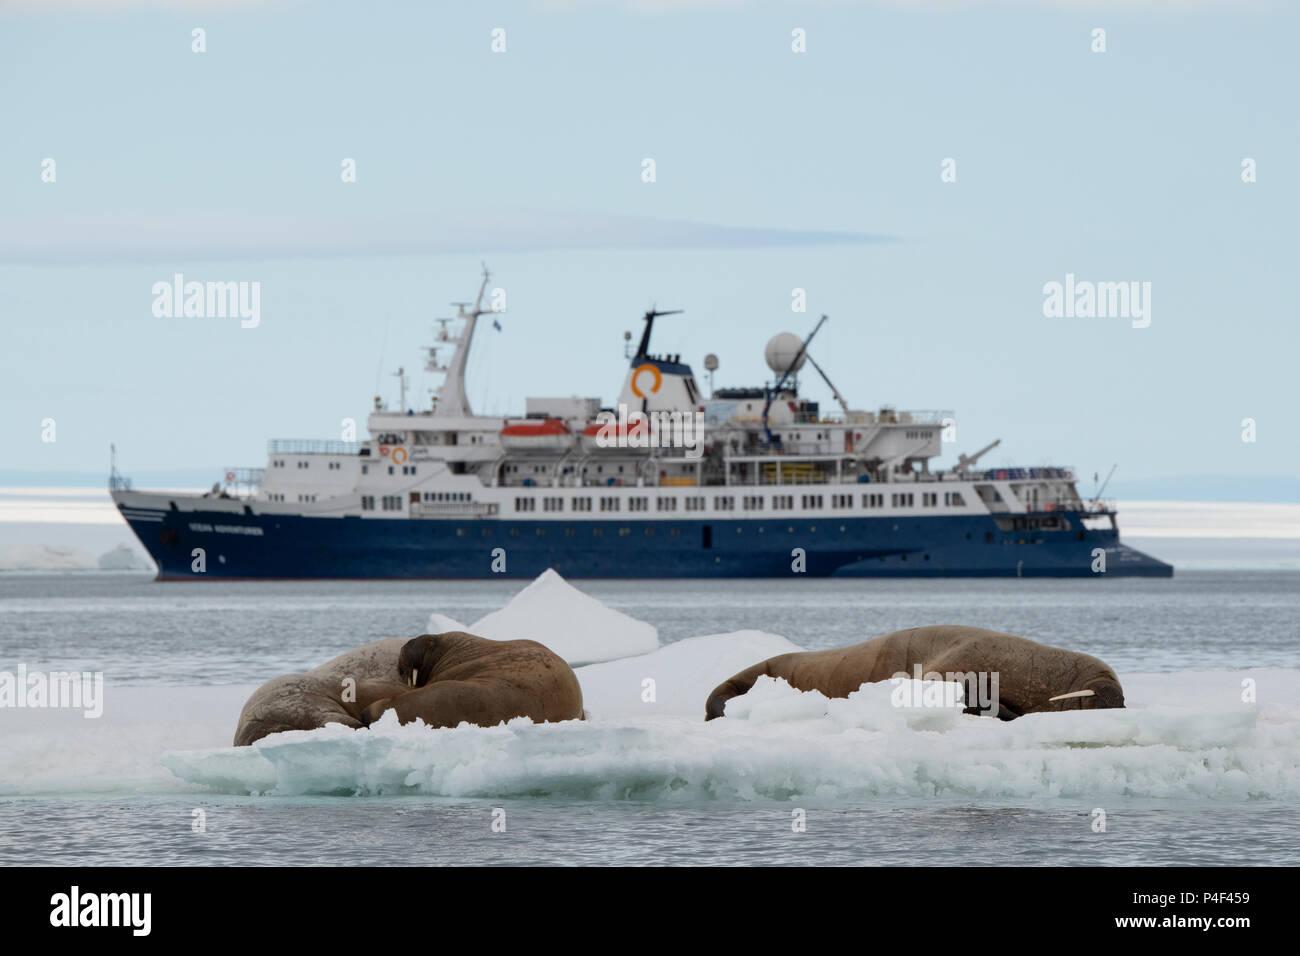 Noruega, Svalbard, Nordaustlandet, Austfonna. La morsa (Odobenus rosmarus) con Quark's barco, Ocean aventurero, en la distancia. Imagen De Stock